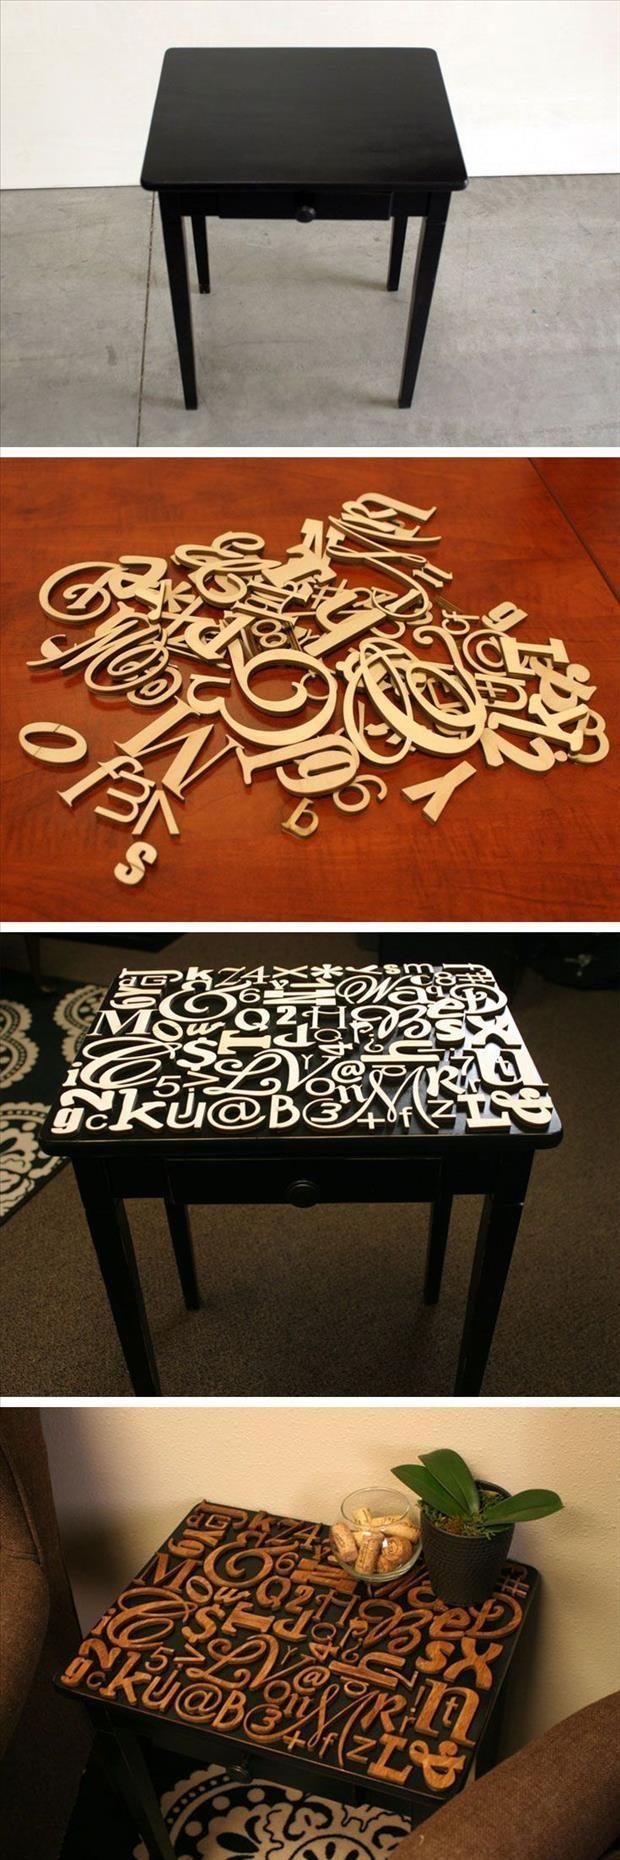 Letter decor on furniture